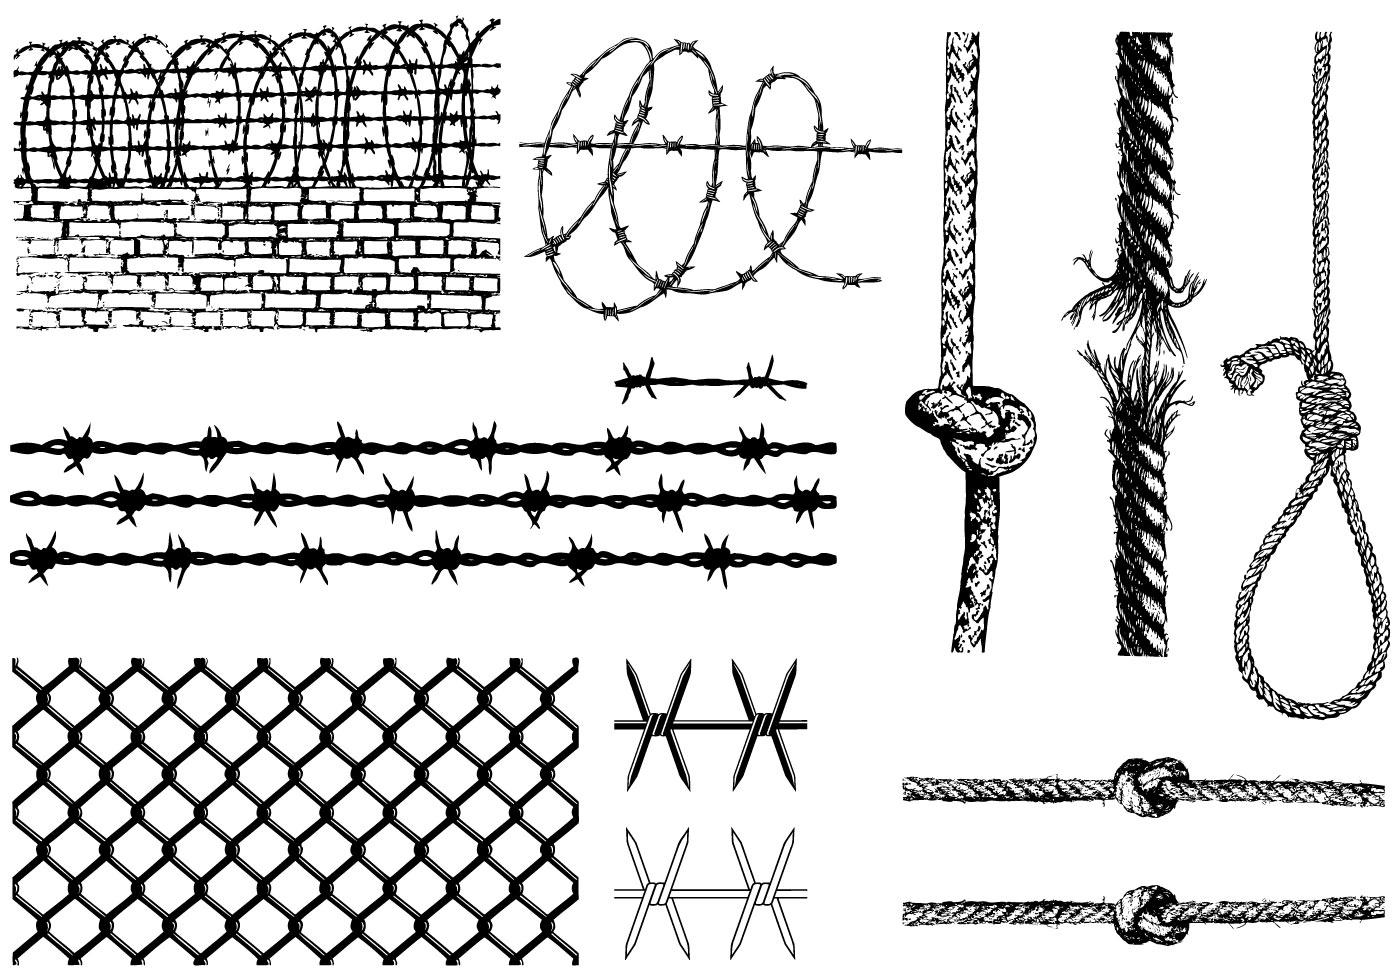 Restraint: вектор пограничной графический с элементами гранж и черных цепей и колючей проволокой иллюстрация